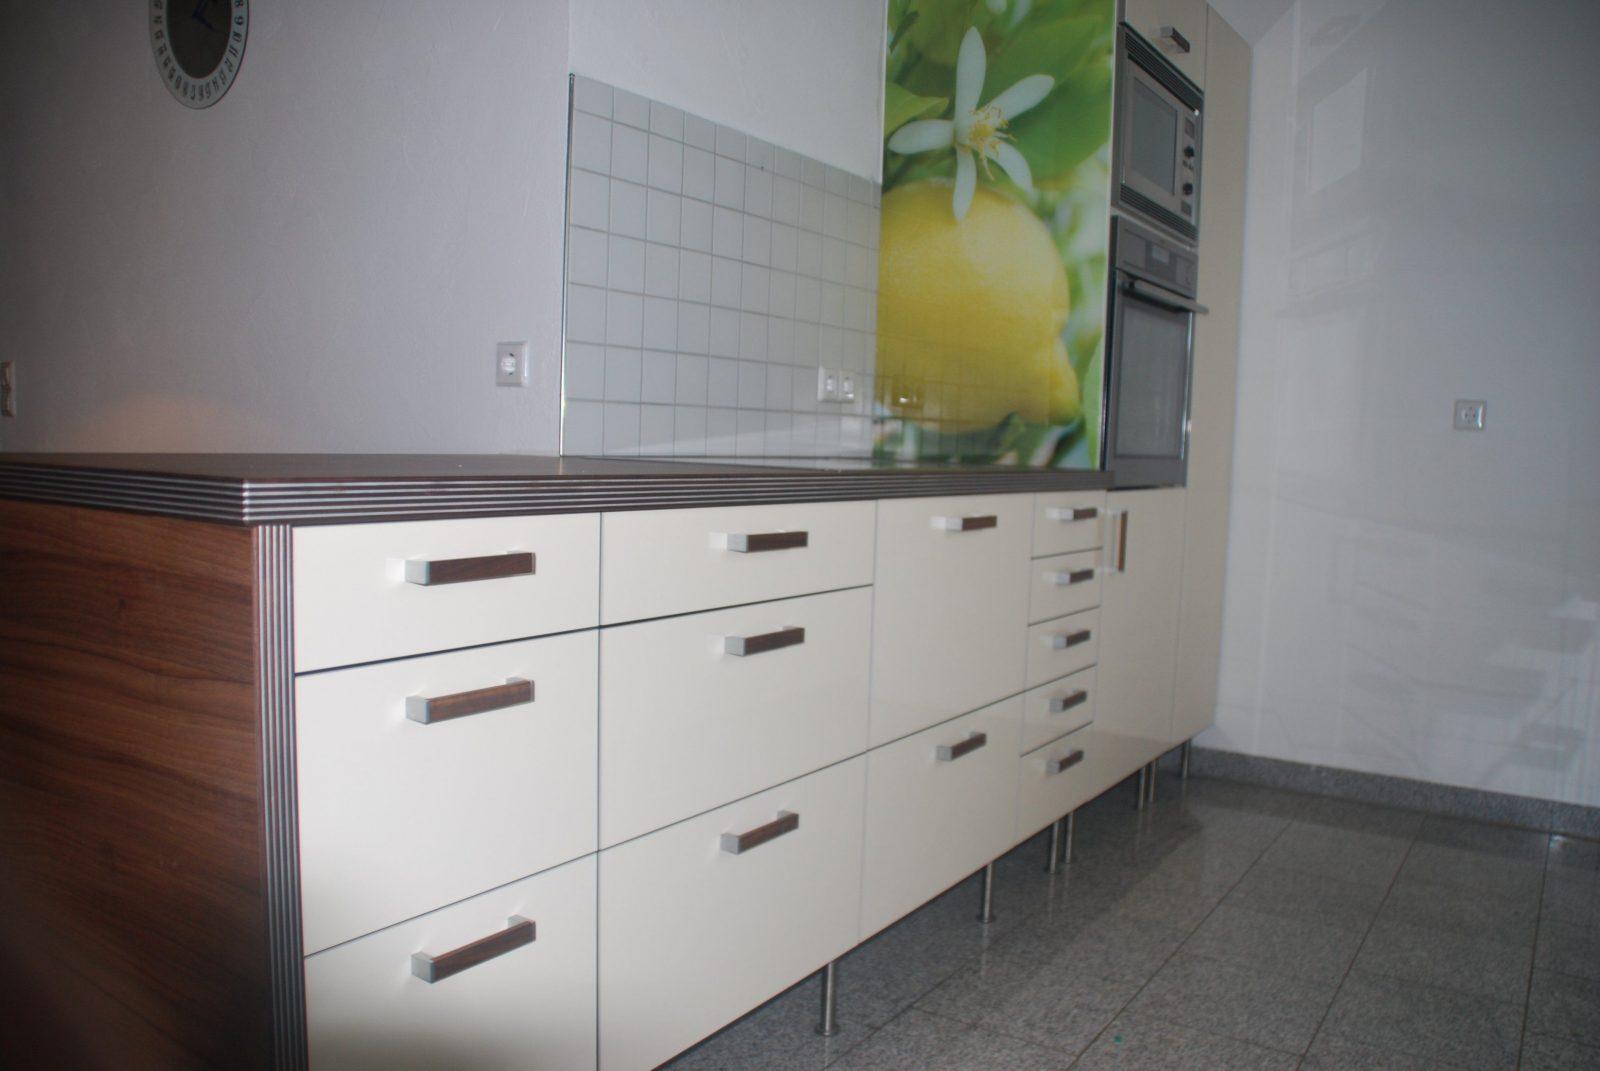 Ikea hittarp k che stilvoll ikea kchen landhaus bild ikea for Ikea kuche faktum